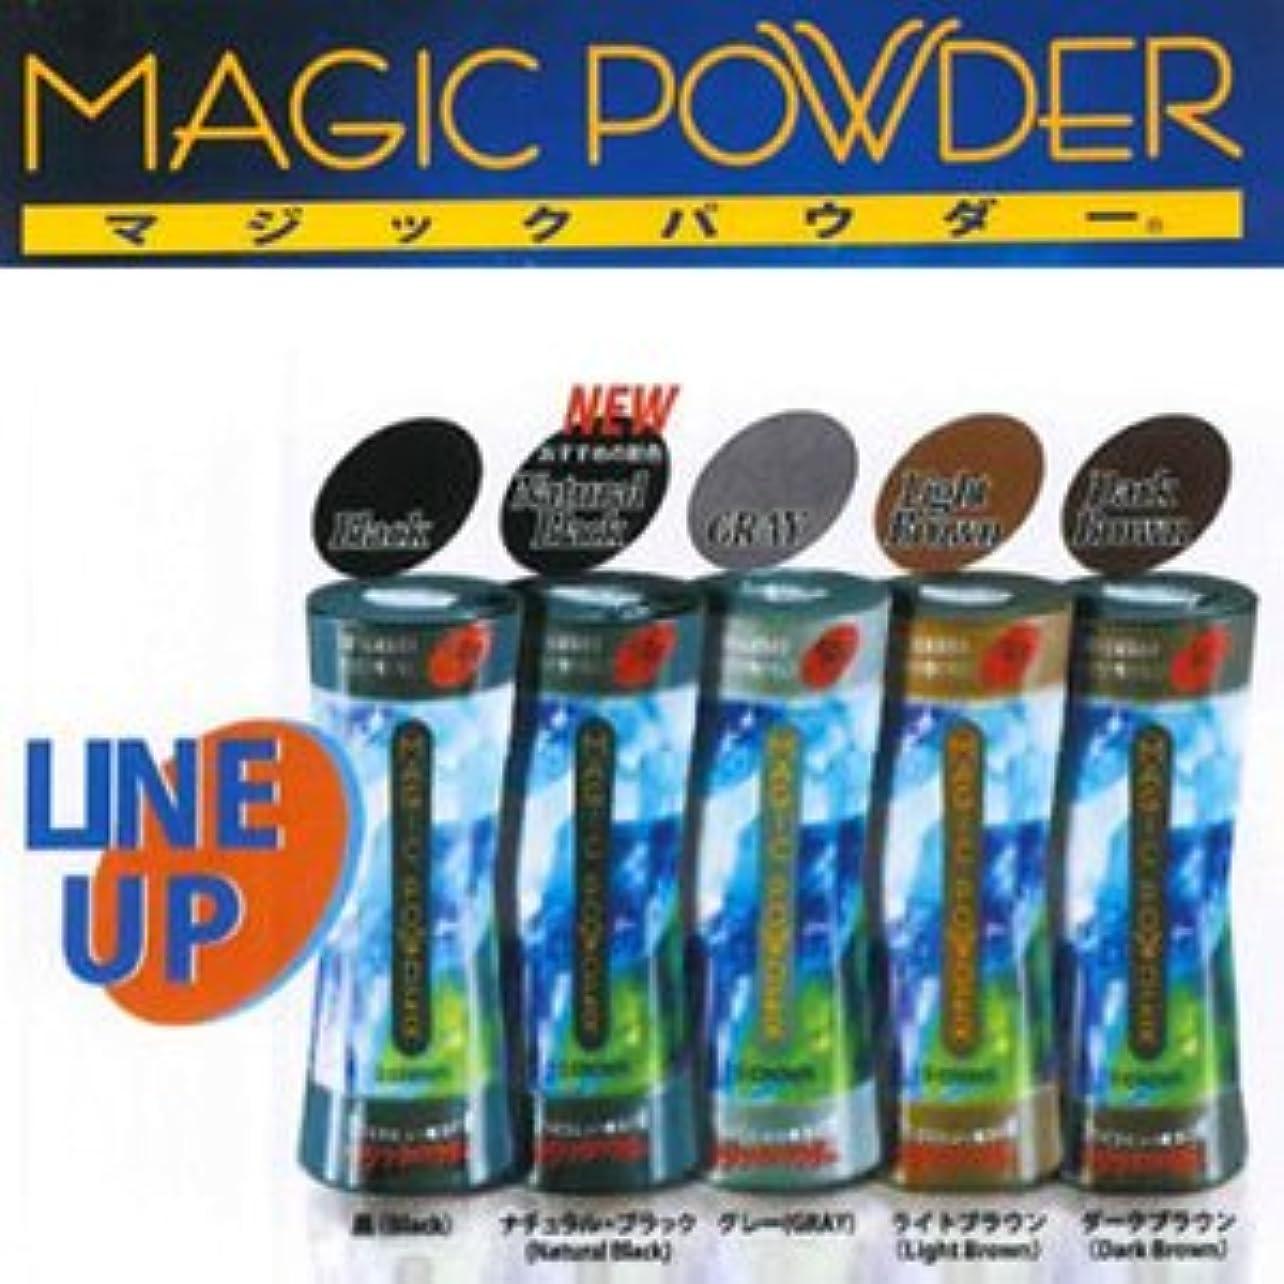 MAGIC POWDER マジックパウダー ライトブラウン 50g 2個セット ※貴方の髪を簡単ボリュームアップ!